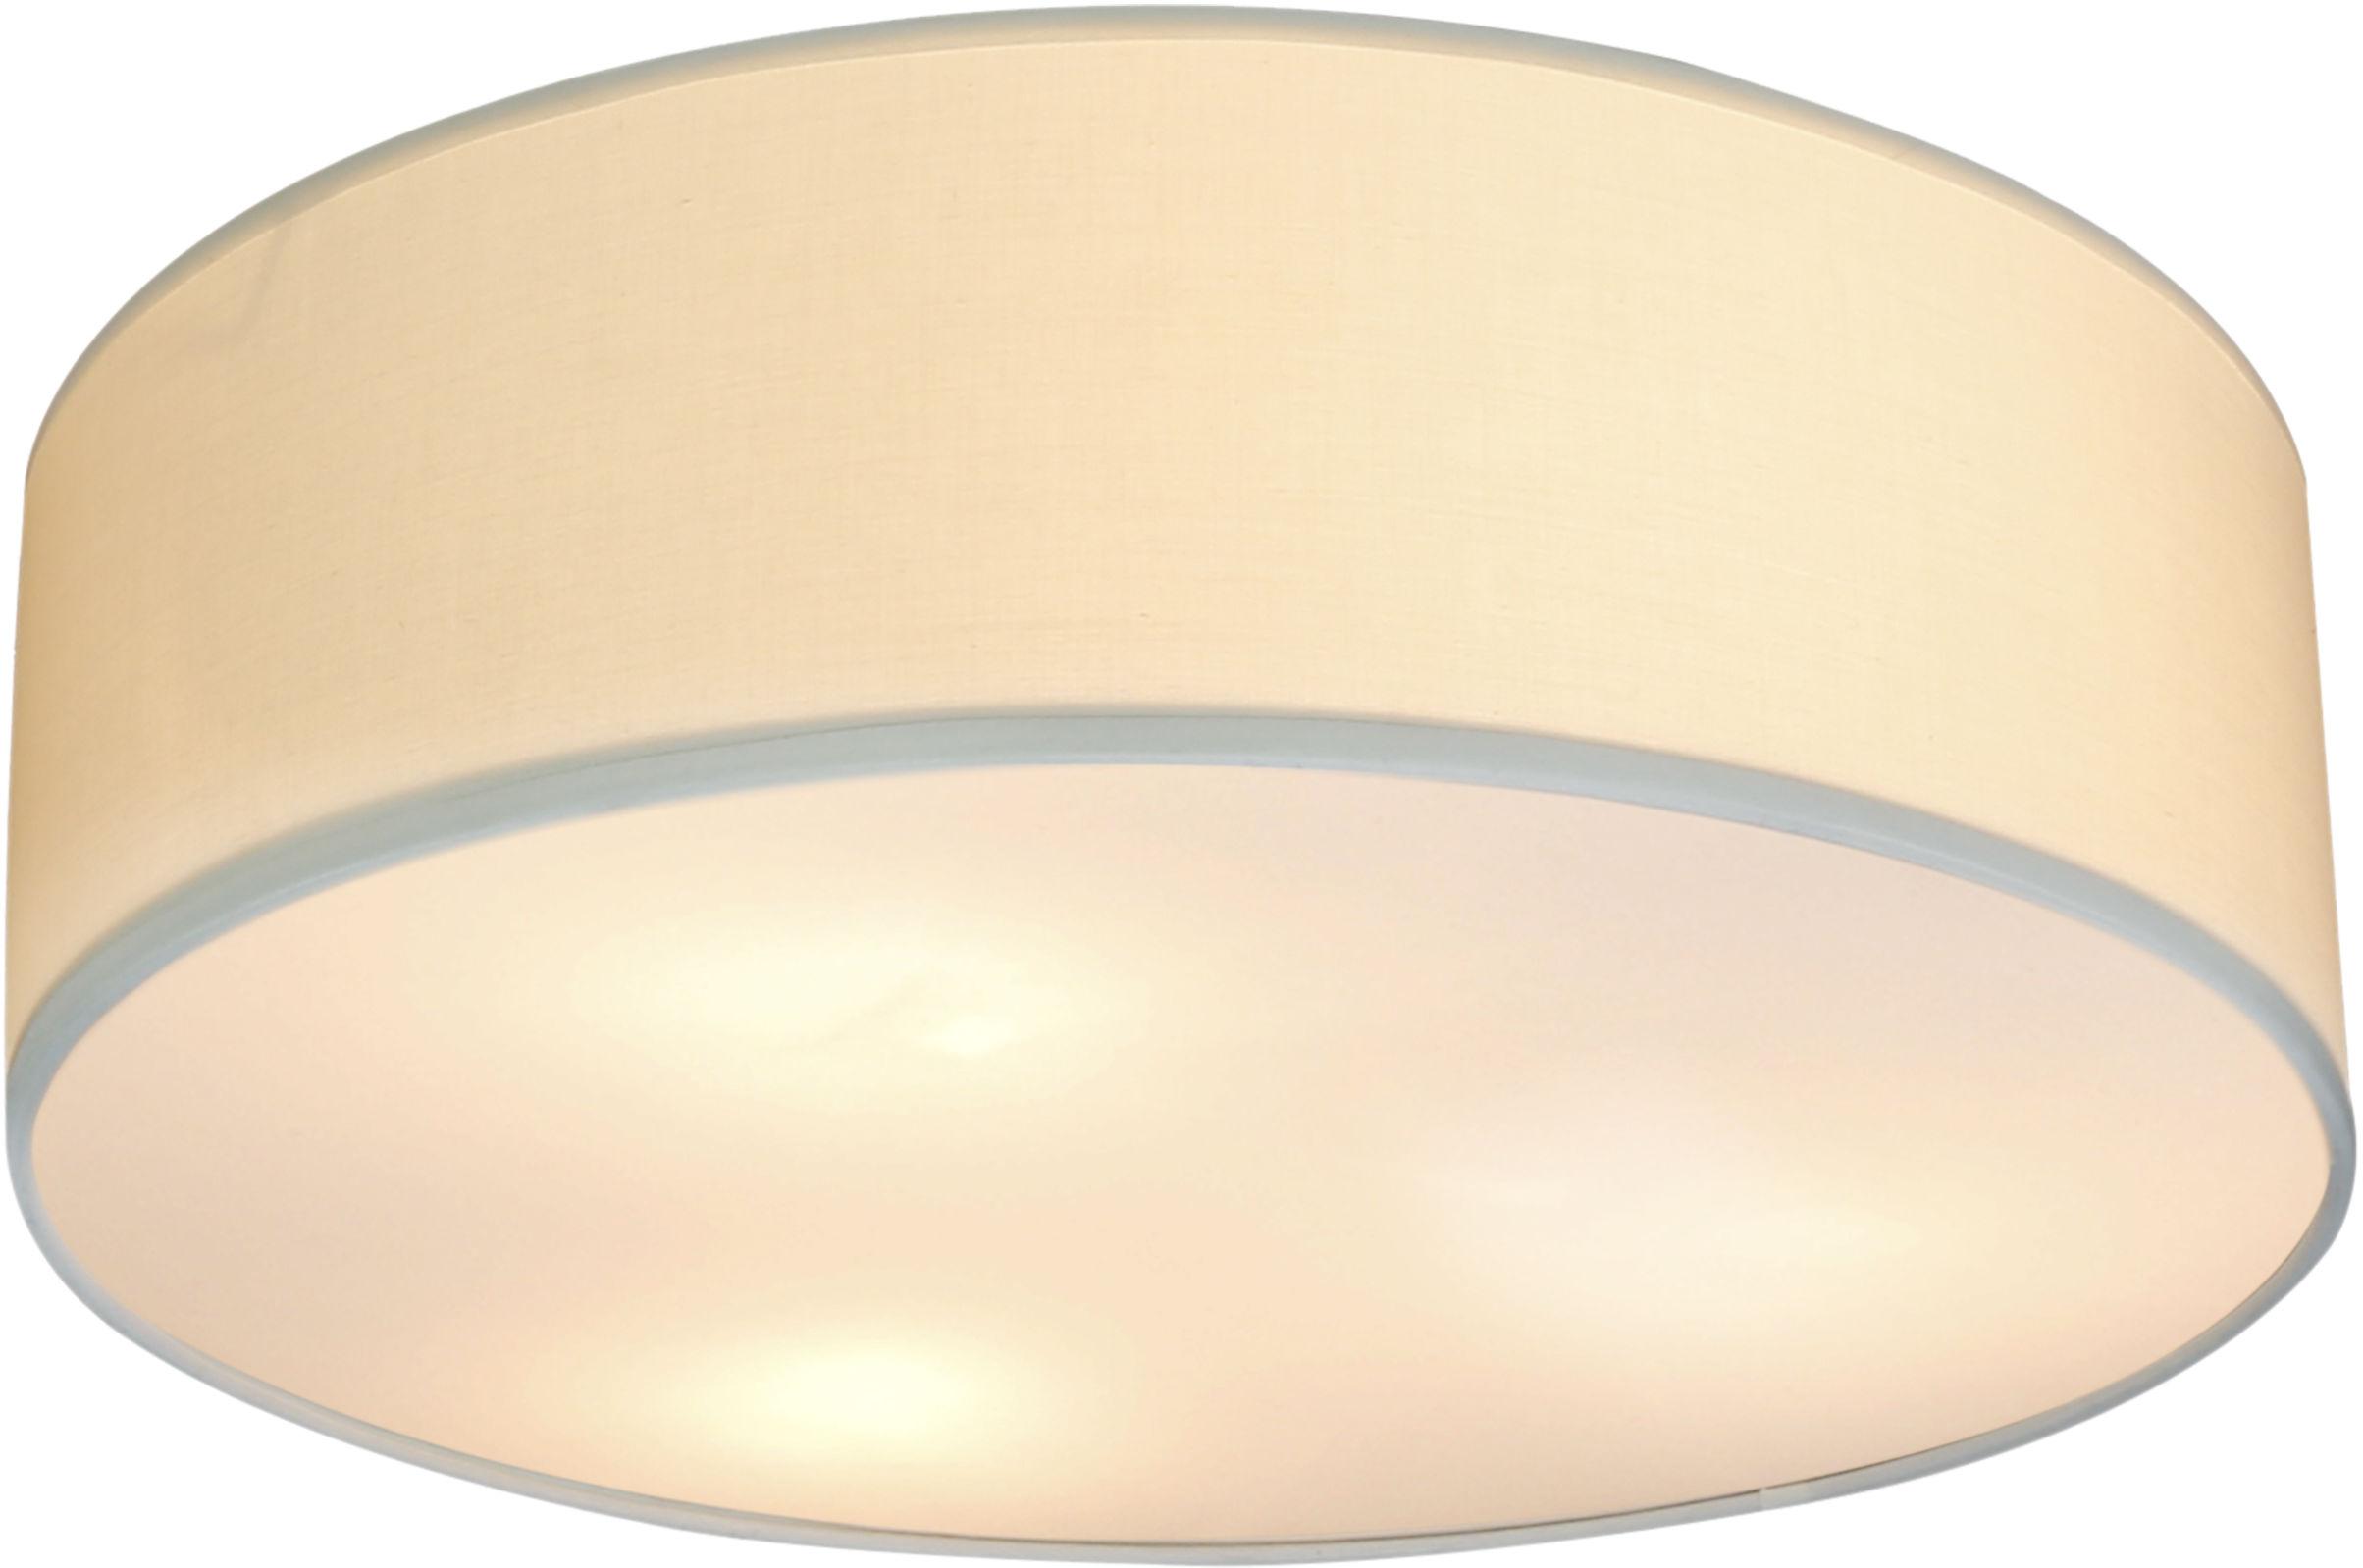 Candellux KIOTO 31-64691 plafon lampa sufitowa abażur kremowy 3x40W E27 40cm